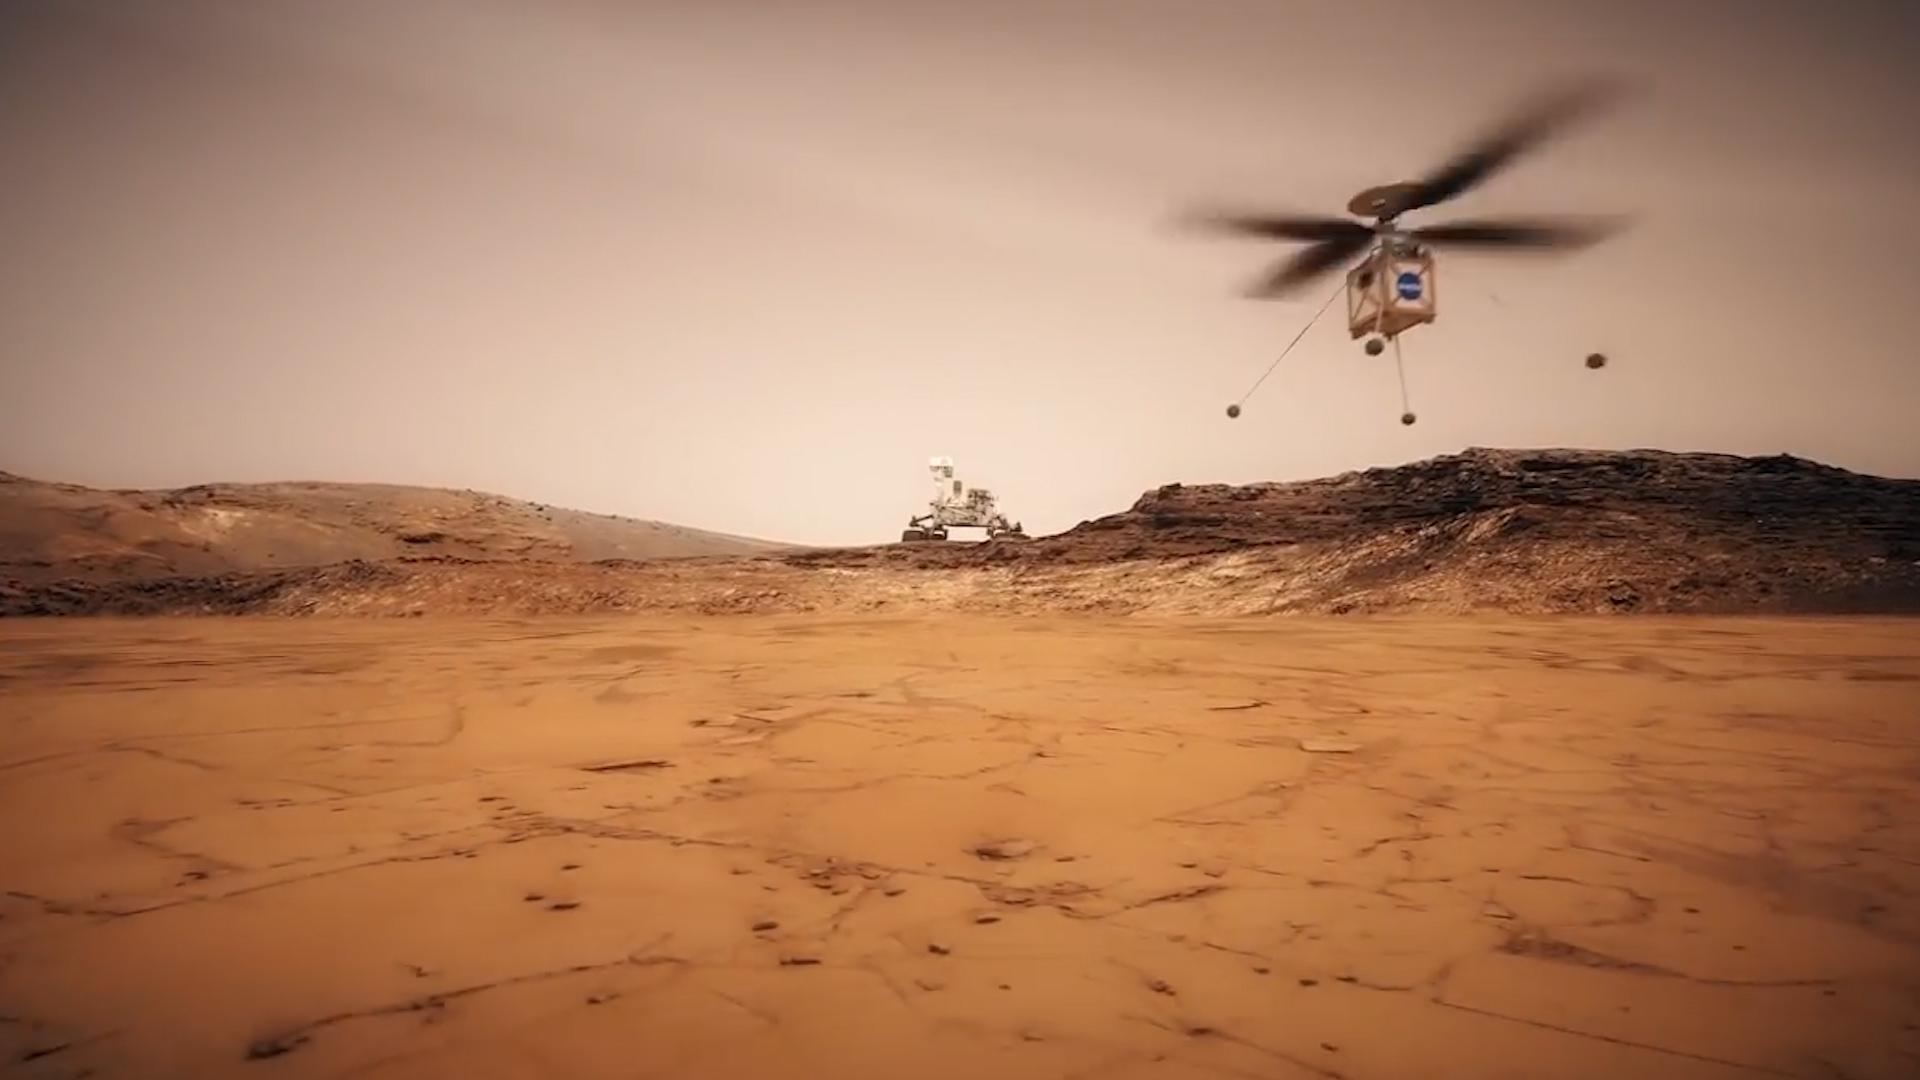 El aparato trabajará con el rover Mars 2020 en tierra